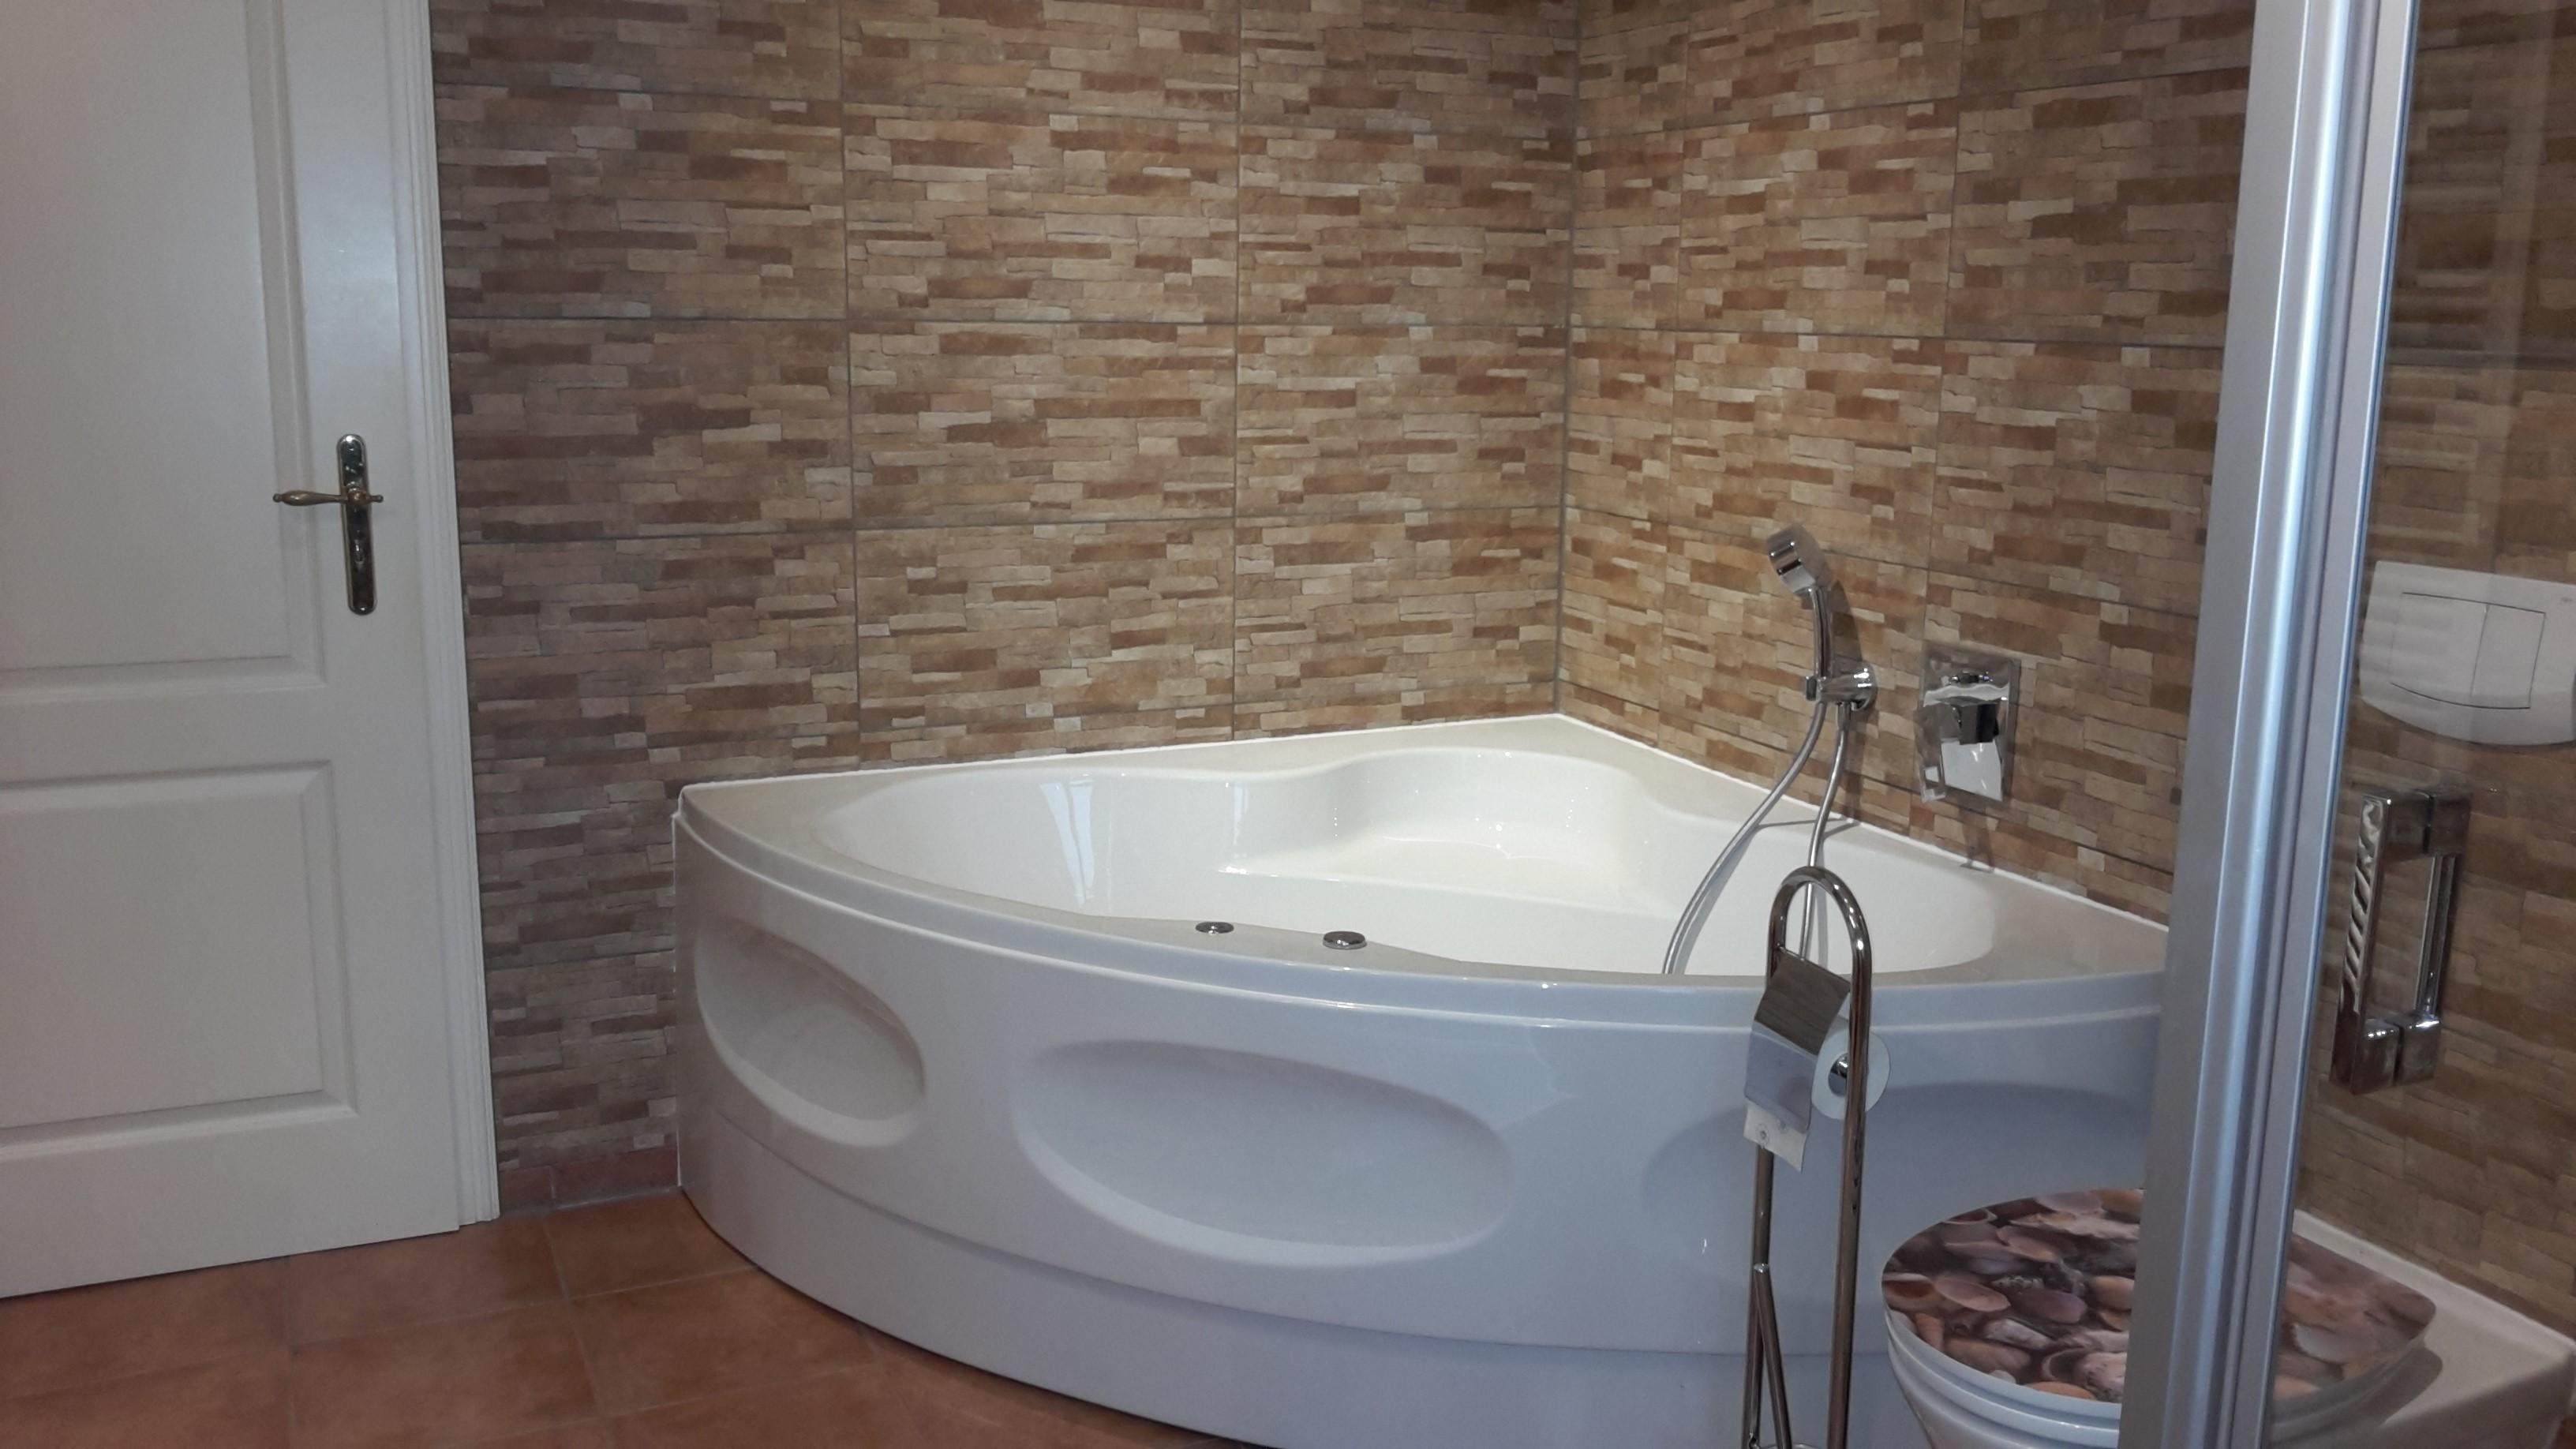 unterkunft urlaub auf der insel fehmarn stilvoll und komfortabel urlaub machen. Black Bedroom Furniture Sets. Home Design Ideas